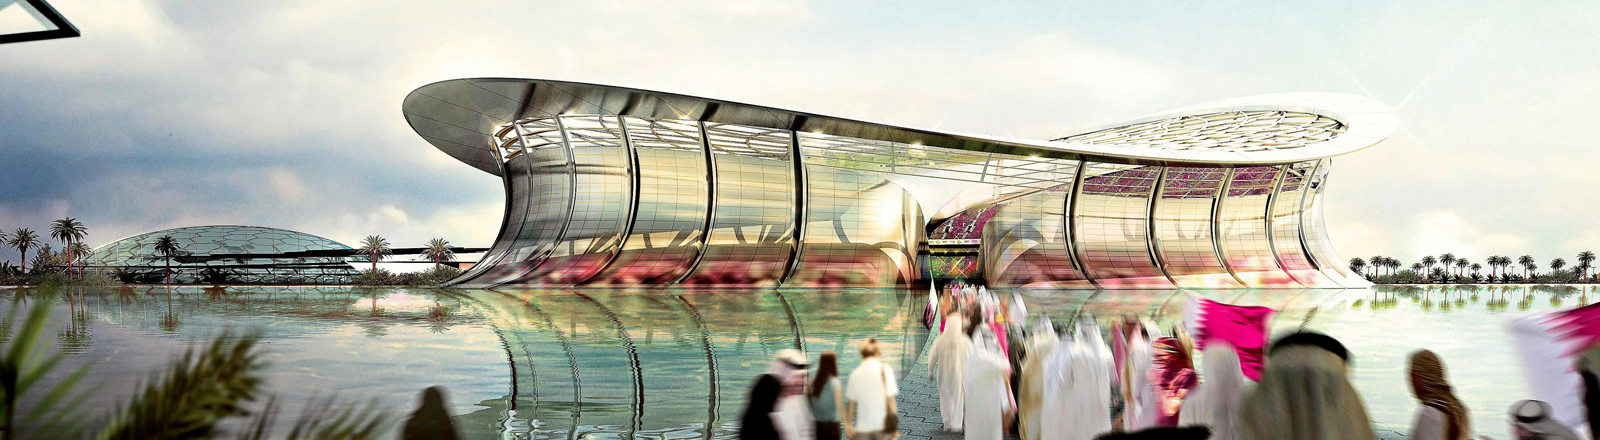 Skizze des WM-Stadios in Katar